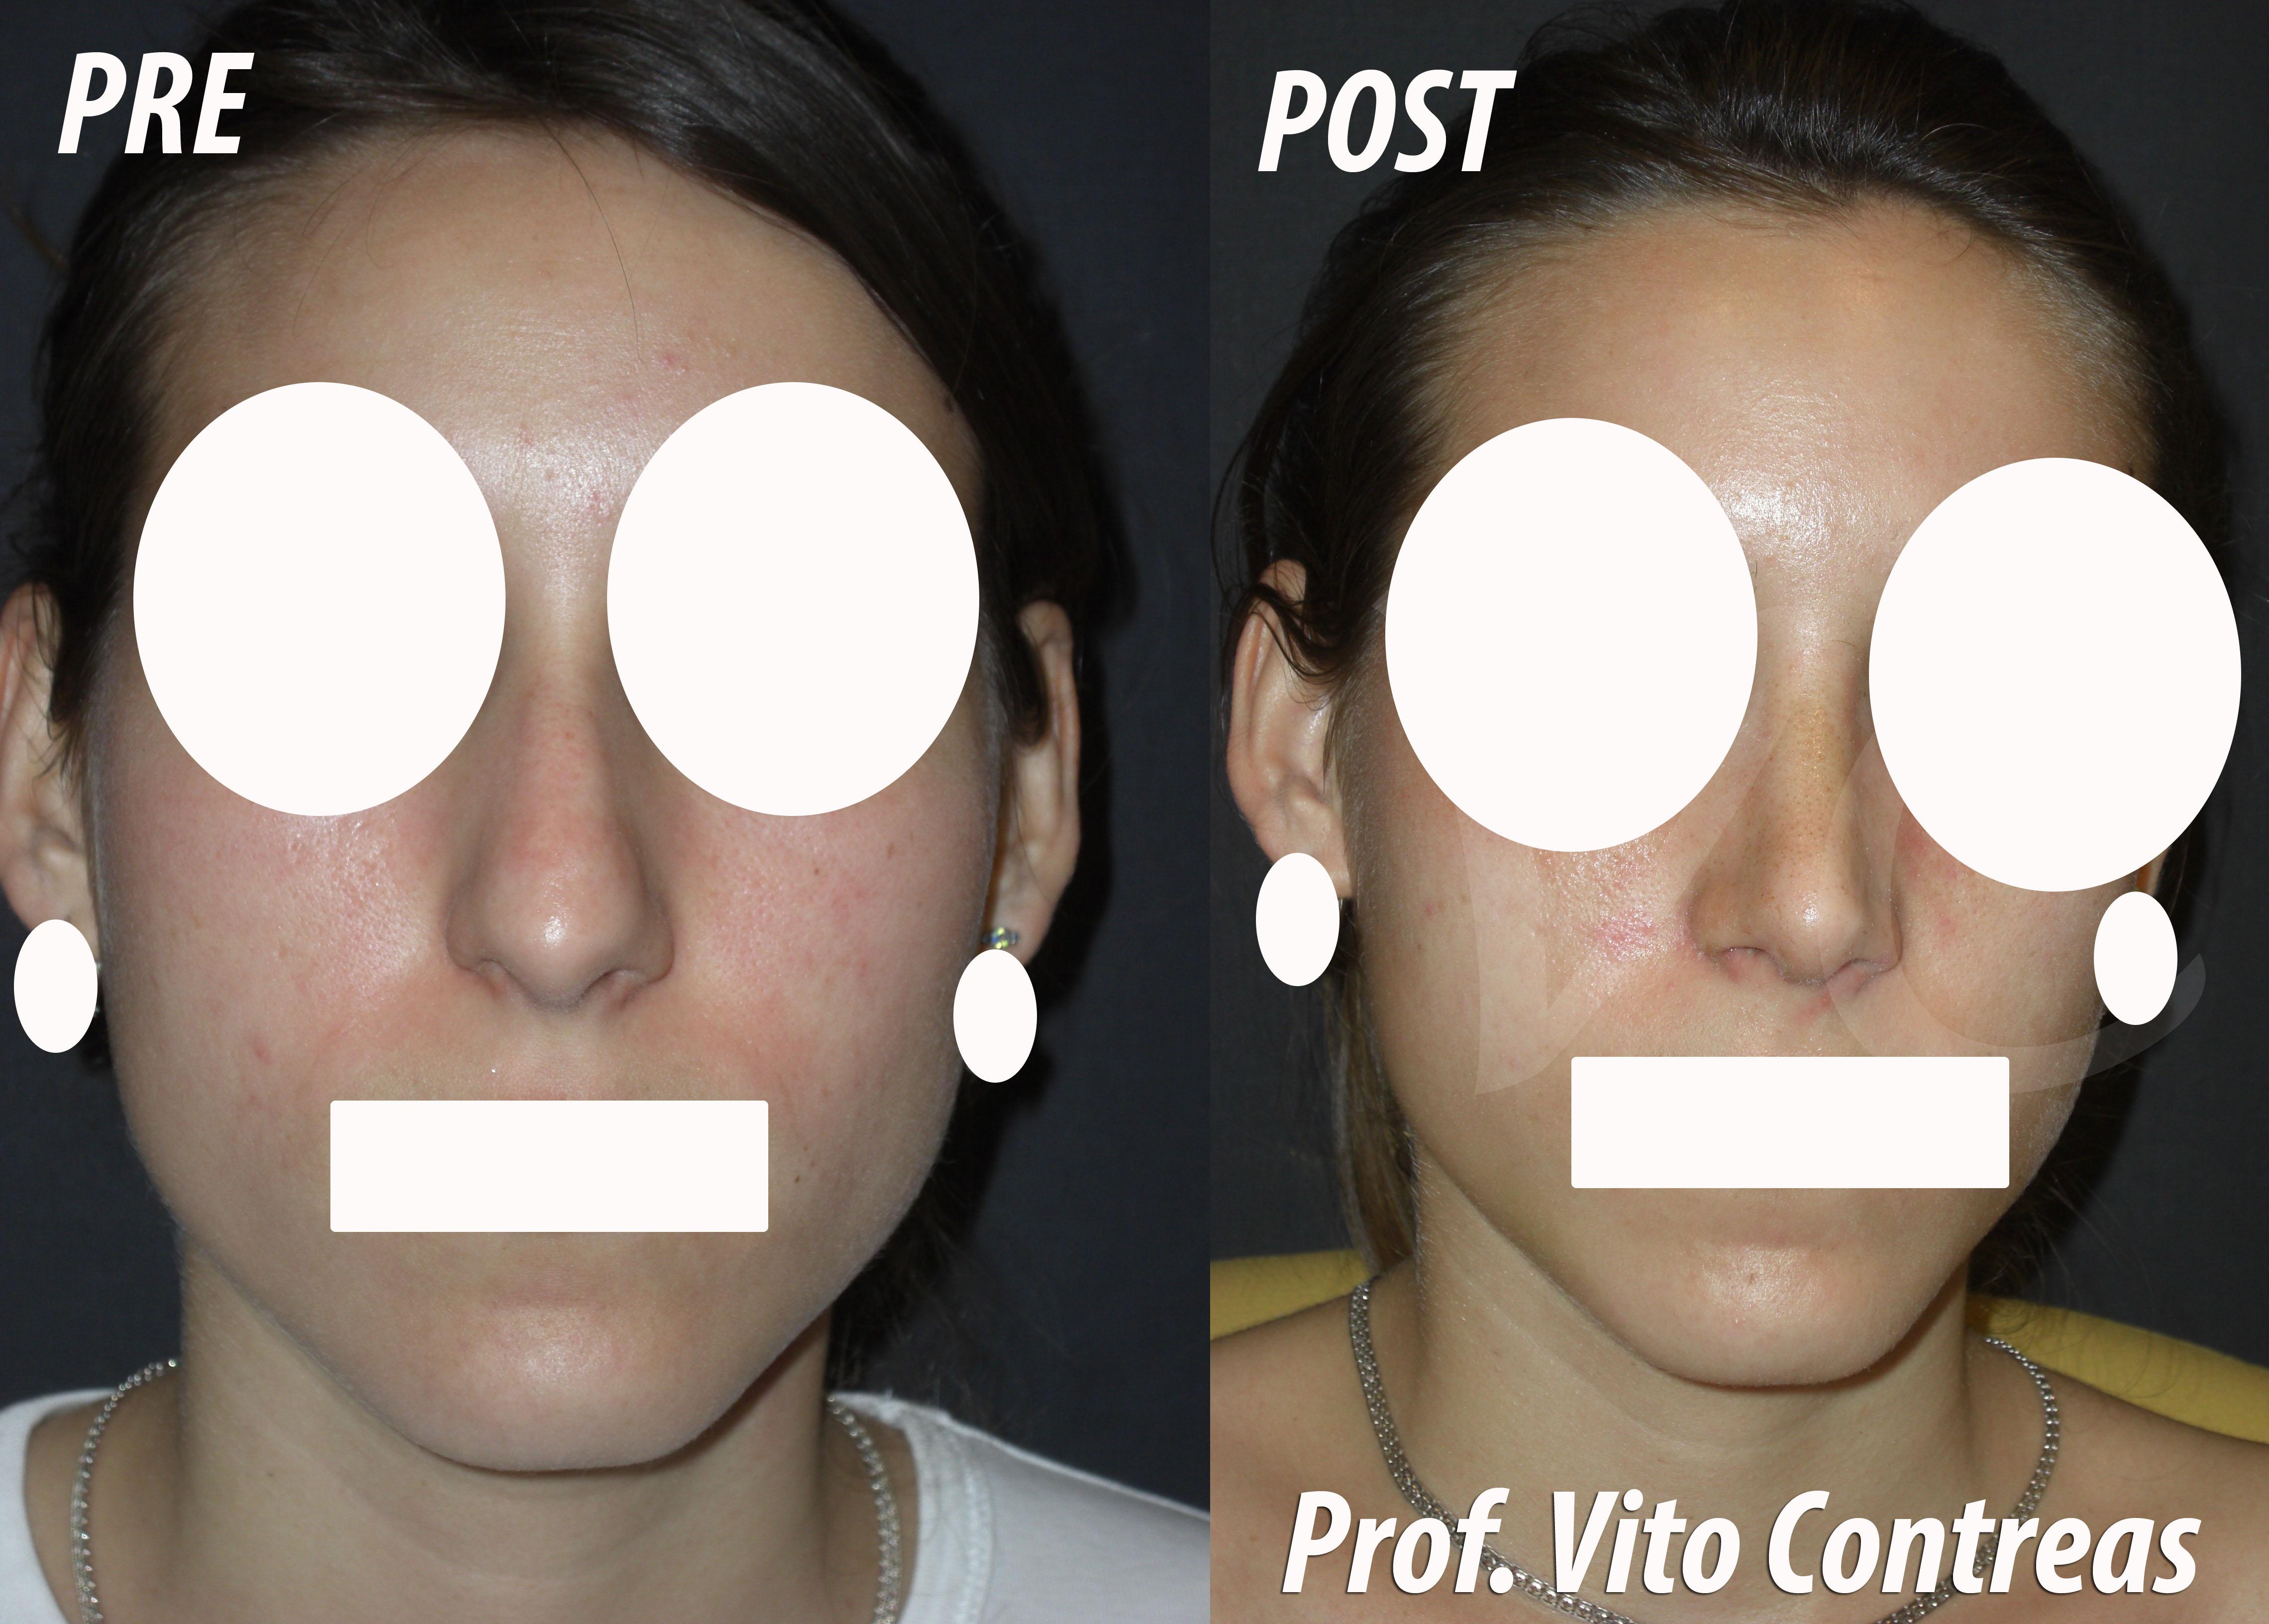 Foto Rinoplastica prima e dopo l'intervento chirurgico